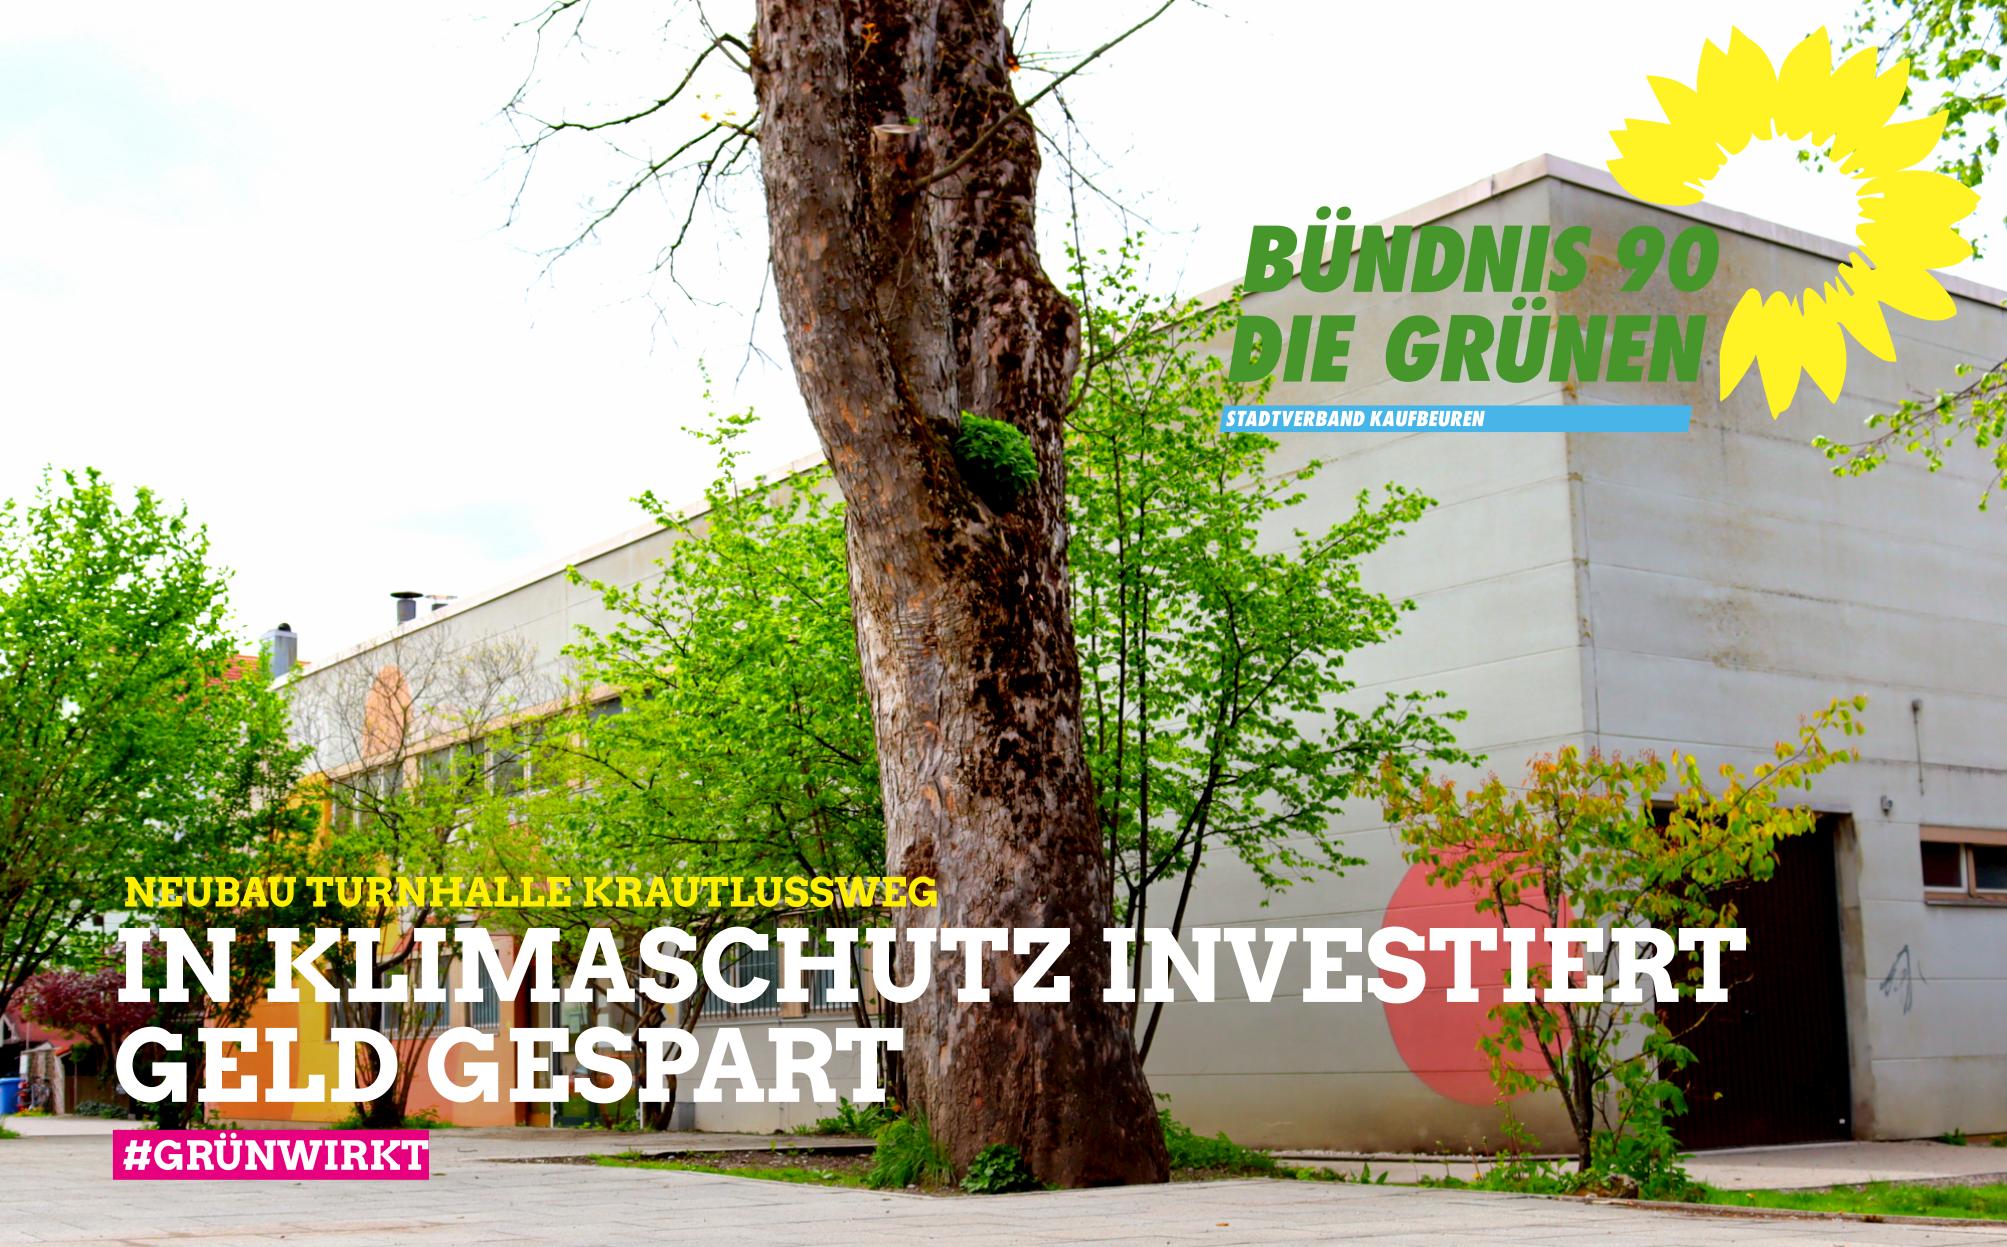 Neubau Turnhalle Krautlussweg – Höhere staatliche Zuschüsse dank Investitionen in den Klimaschutz